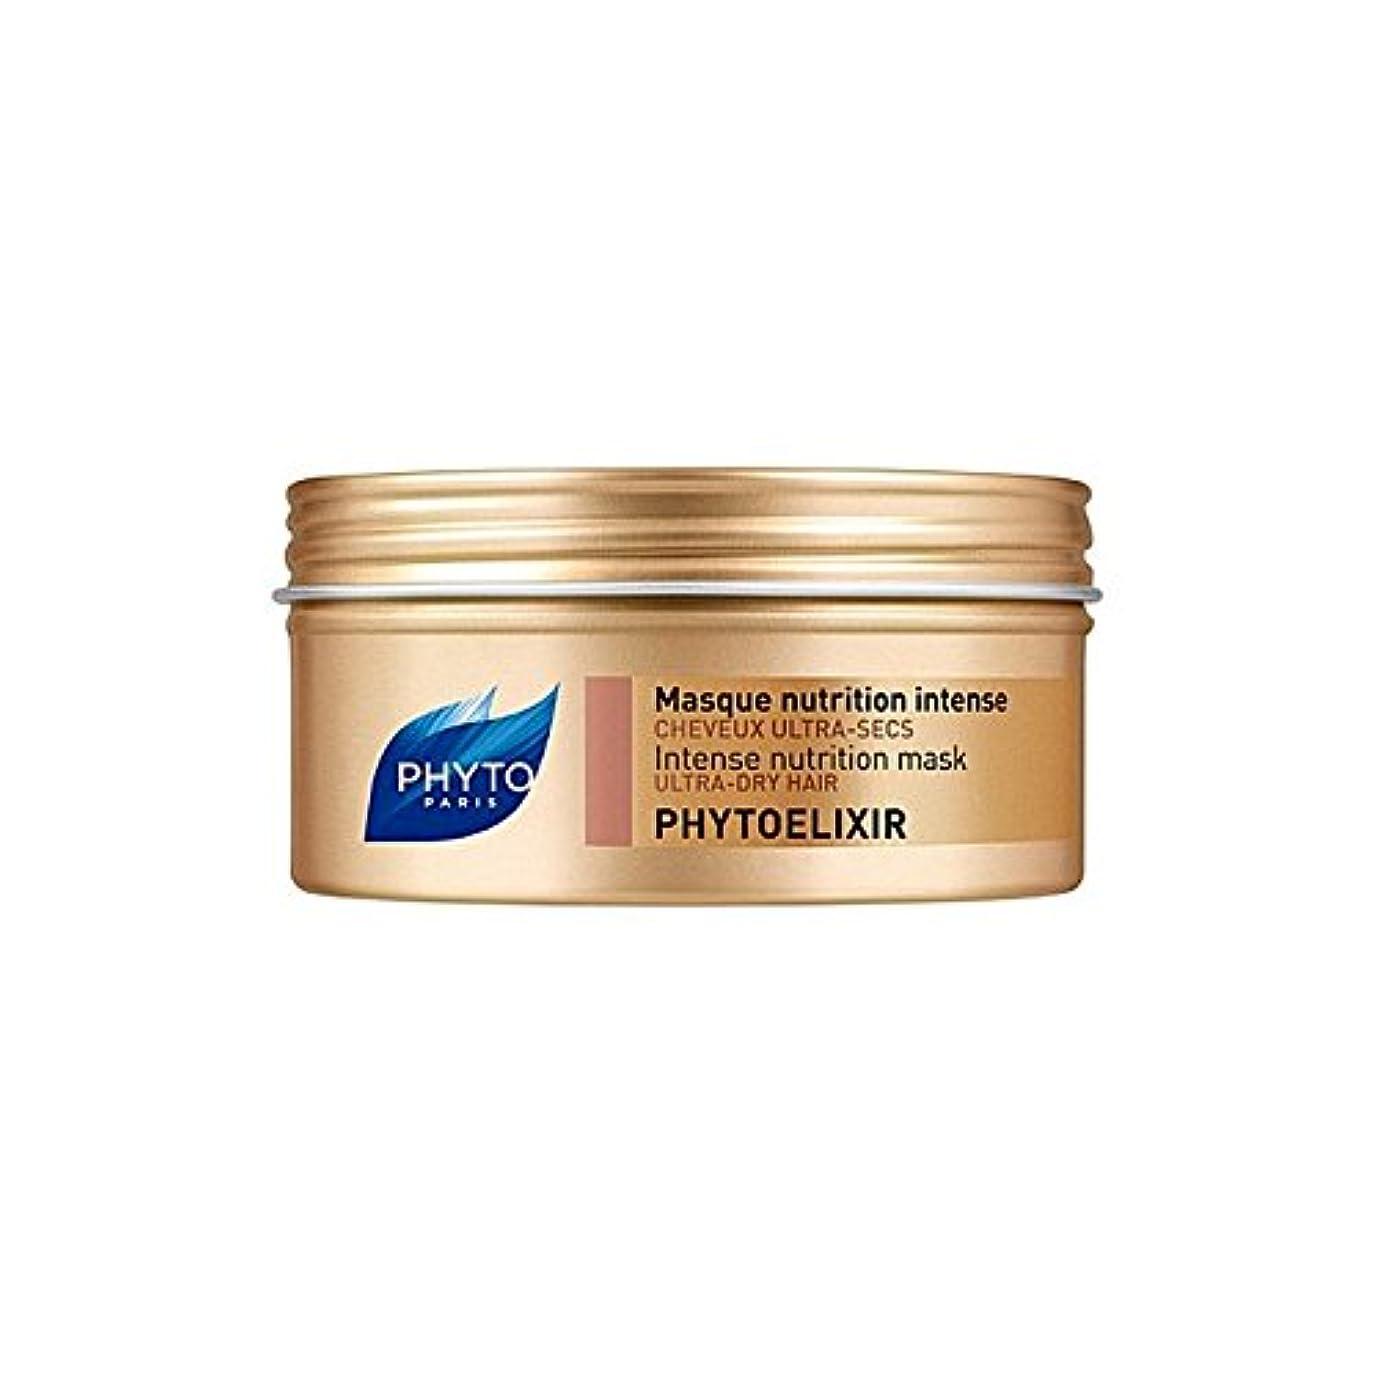 歩道腐食する抵抗するフィトの強烈な栄養マスク x4 - Phyto Phytoelixir Intense Nutrition Mask (Pack of 4) [並行輸入品]